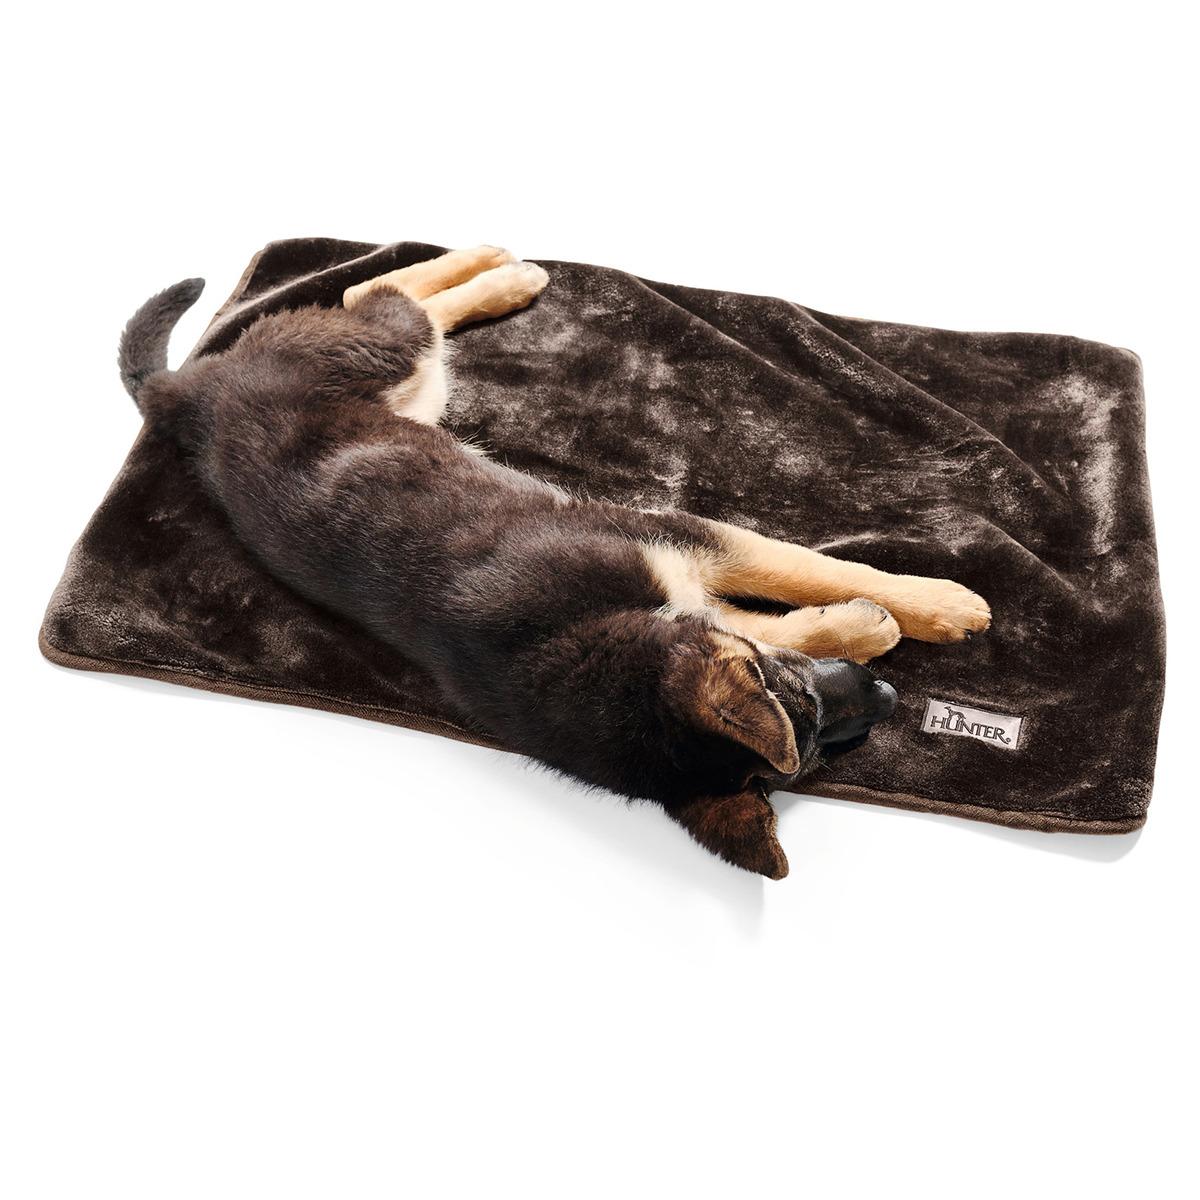 hunter hundedecke konstanz braun. Black Bedroom Furniture Sets. Home Design Ideas